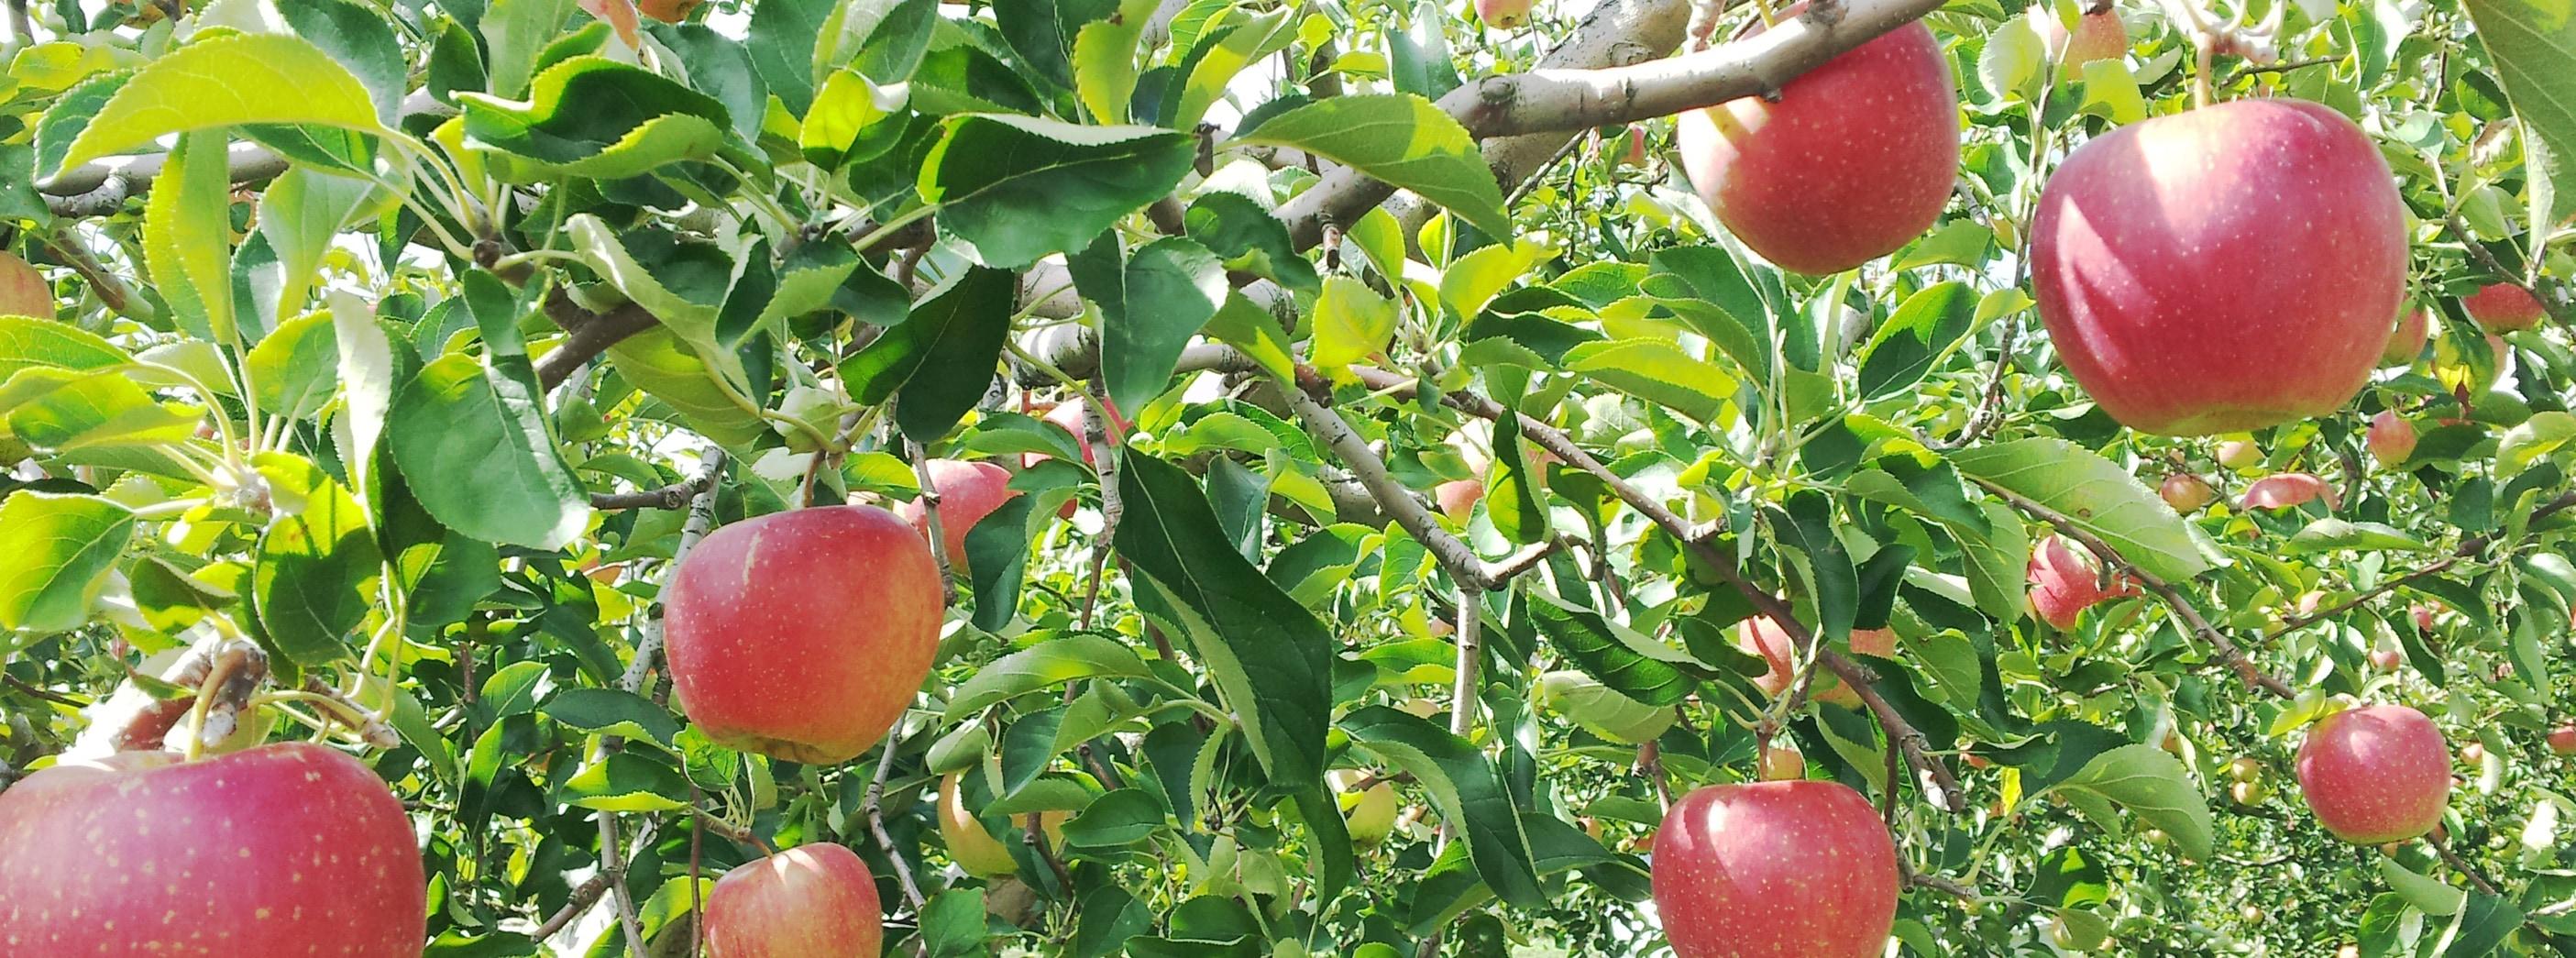 長野県小布施町スイートファーム|今年もリンゴの季節がやってきました!